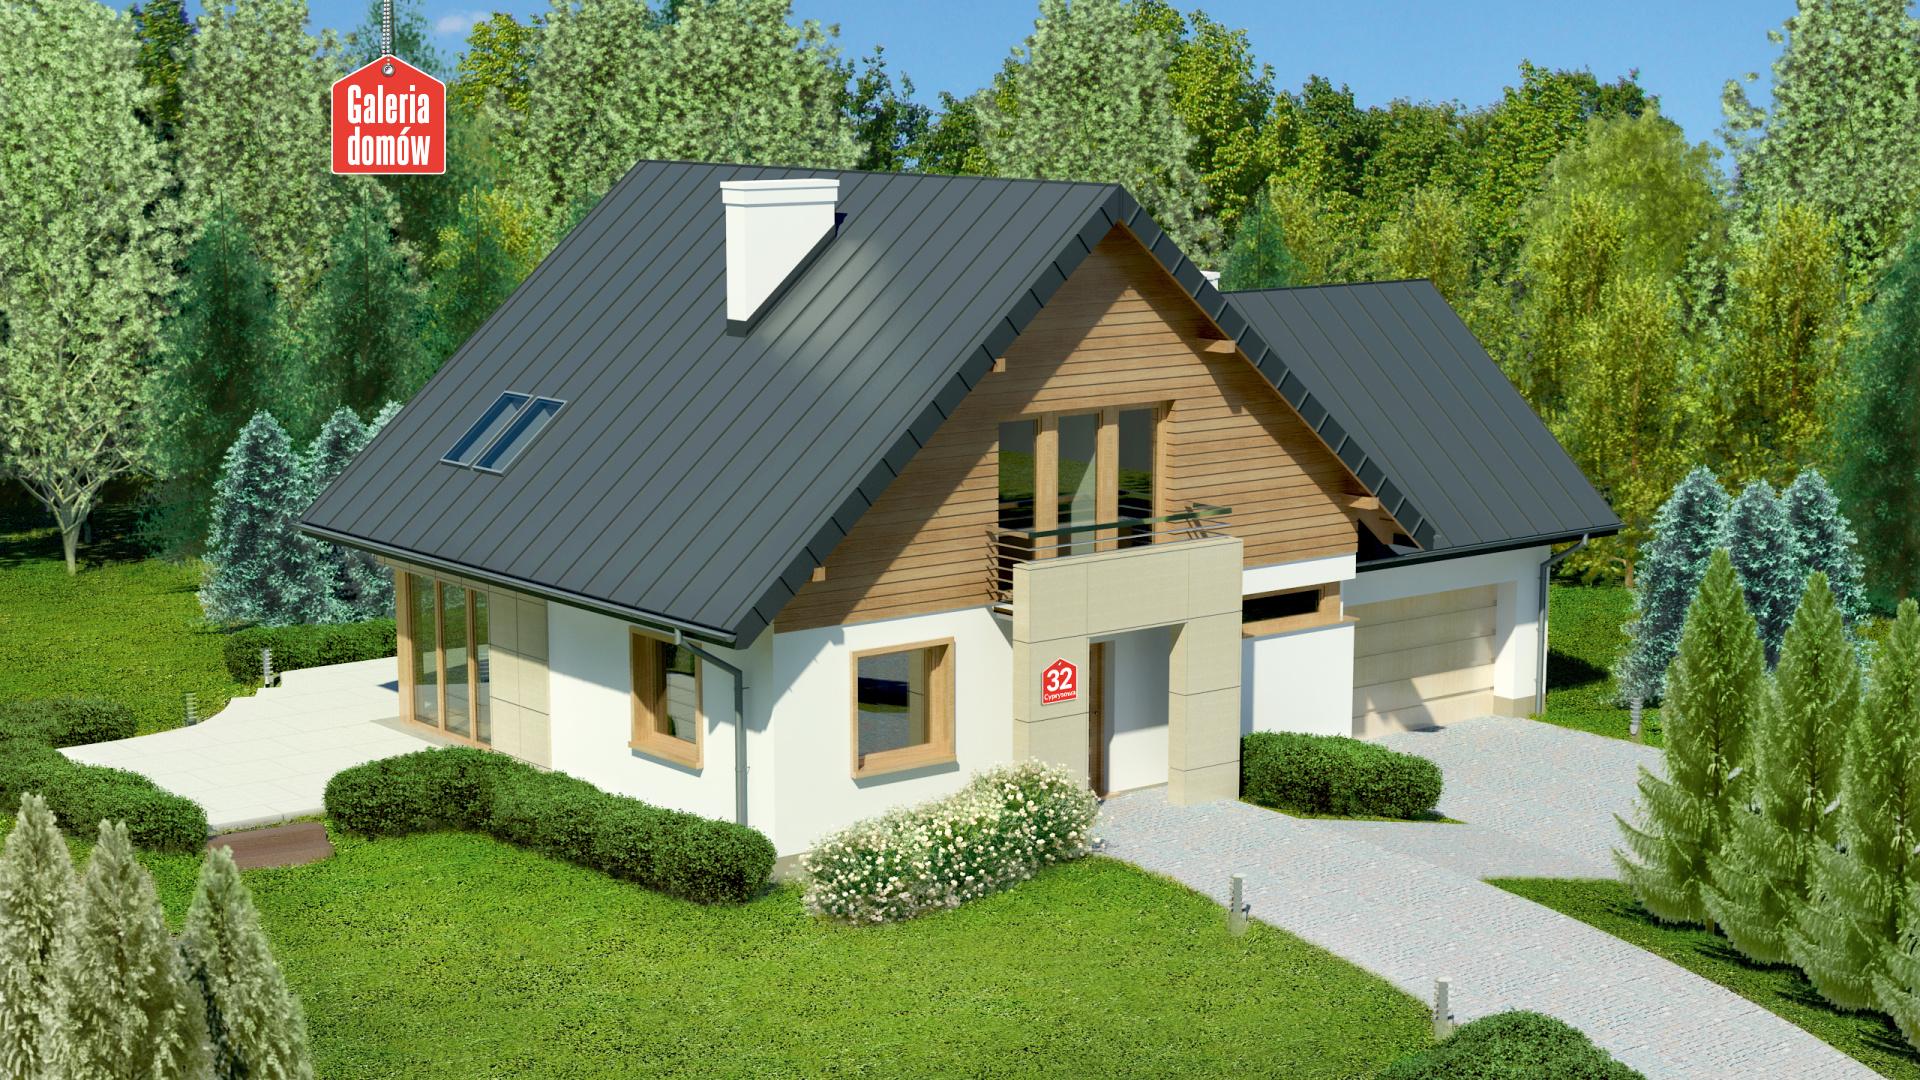 Dom przy Cyprysowej 32 - zdjęcie projektu i wizualizacja